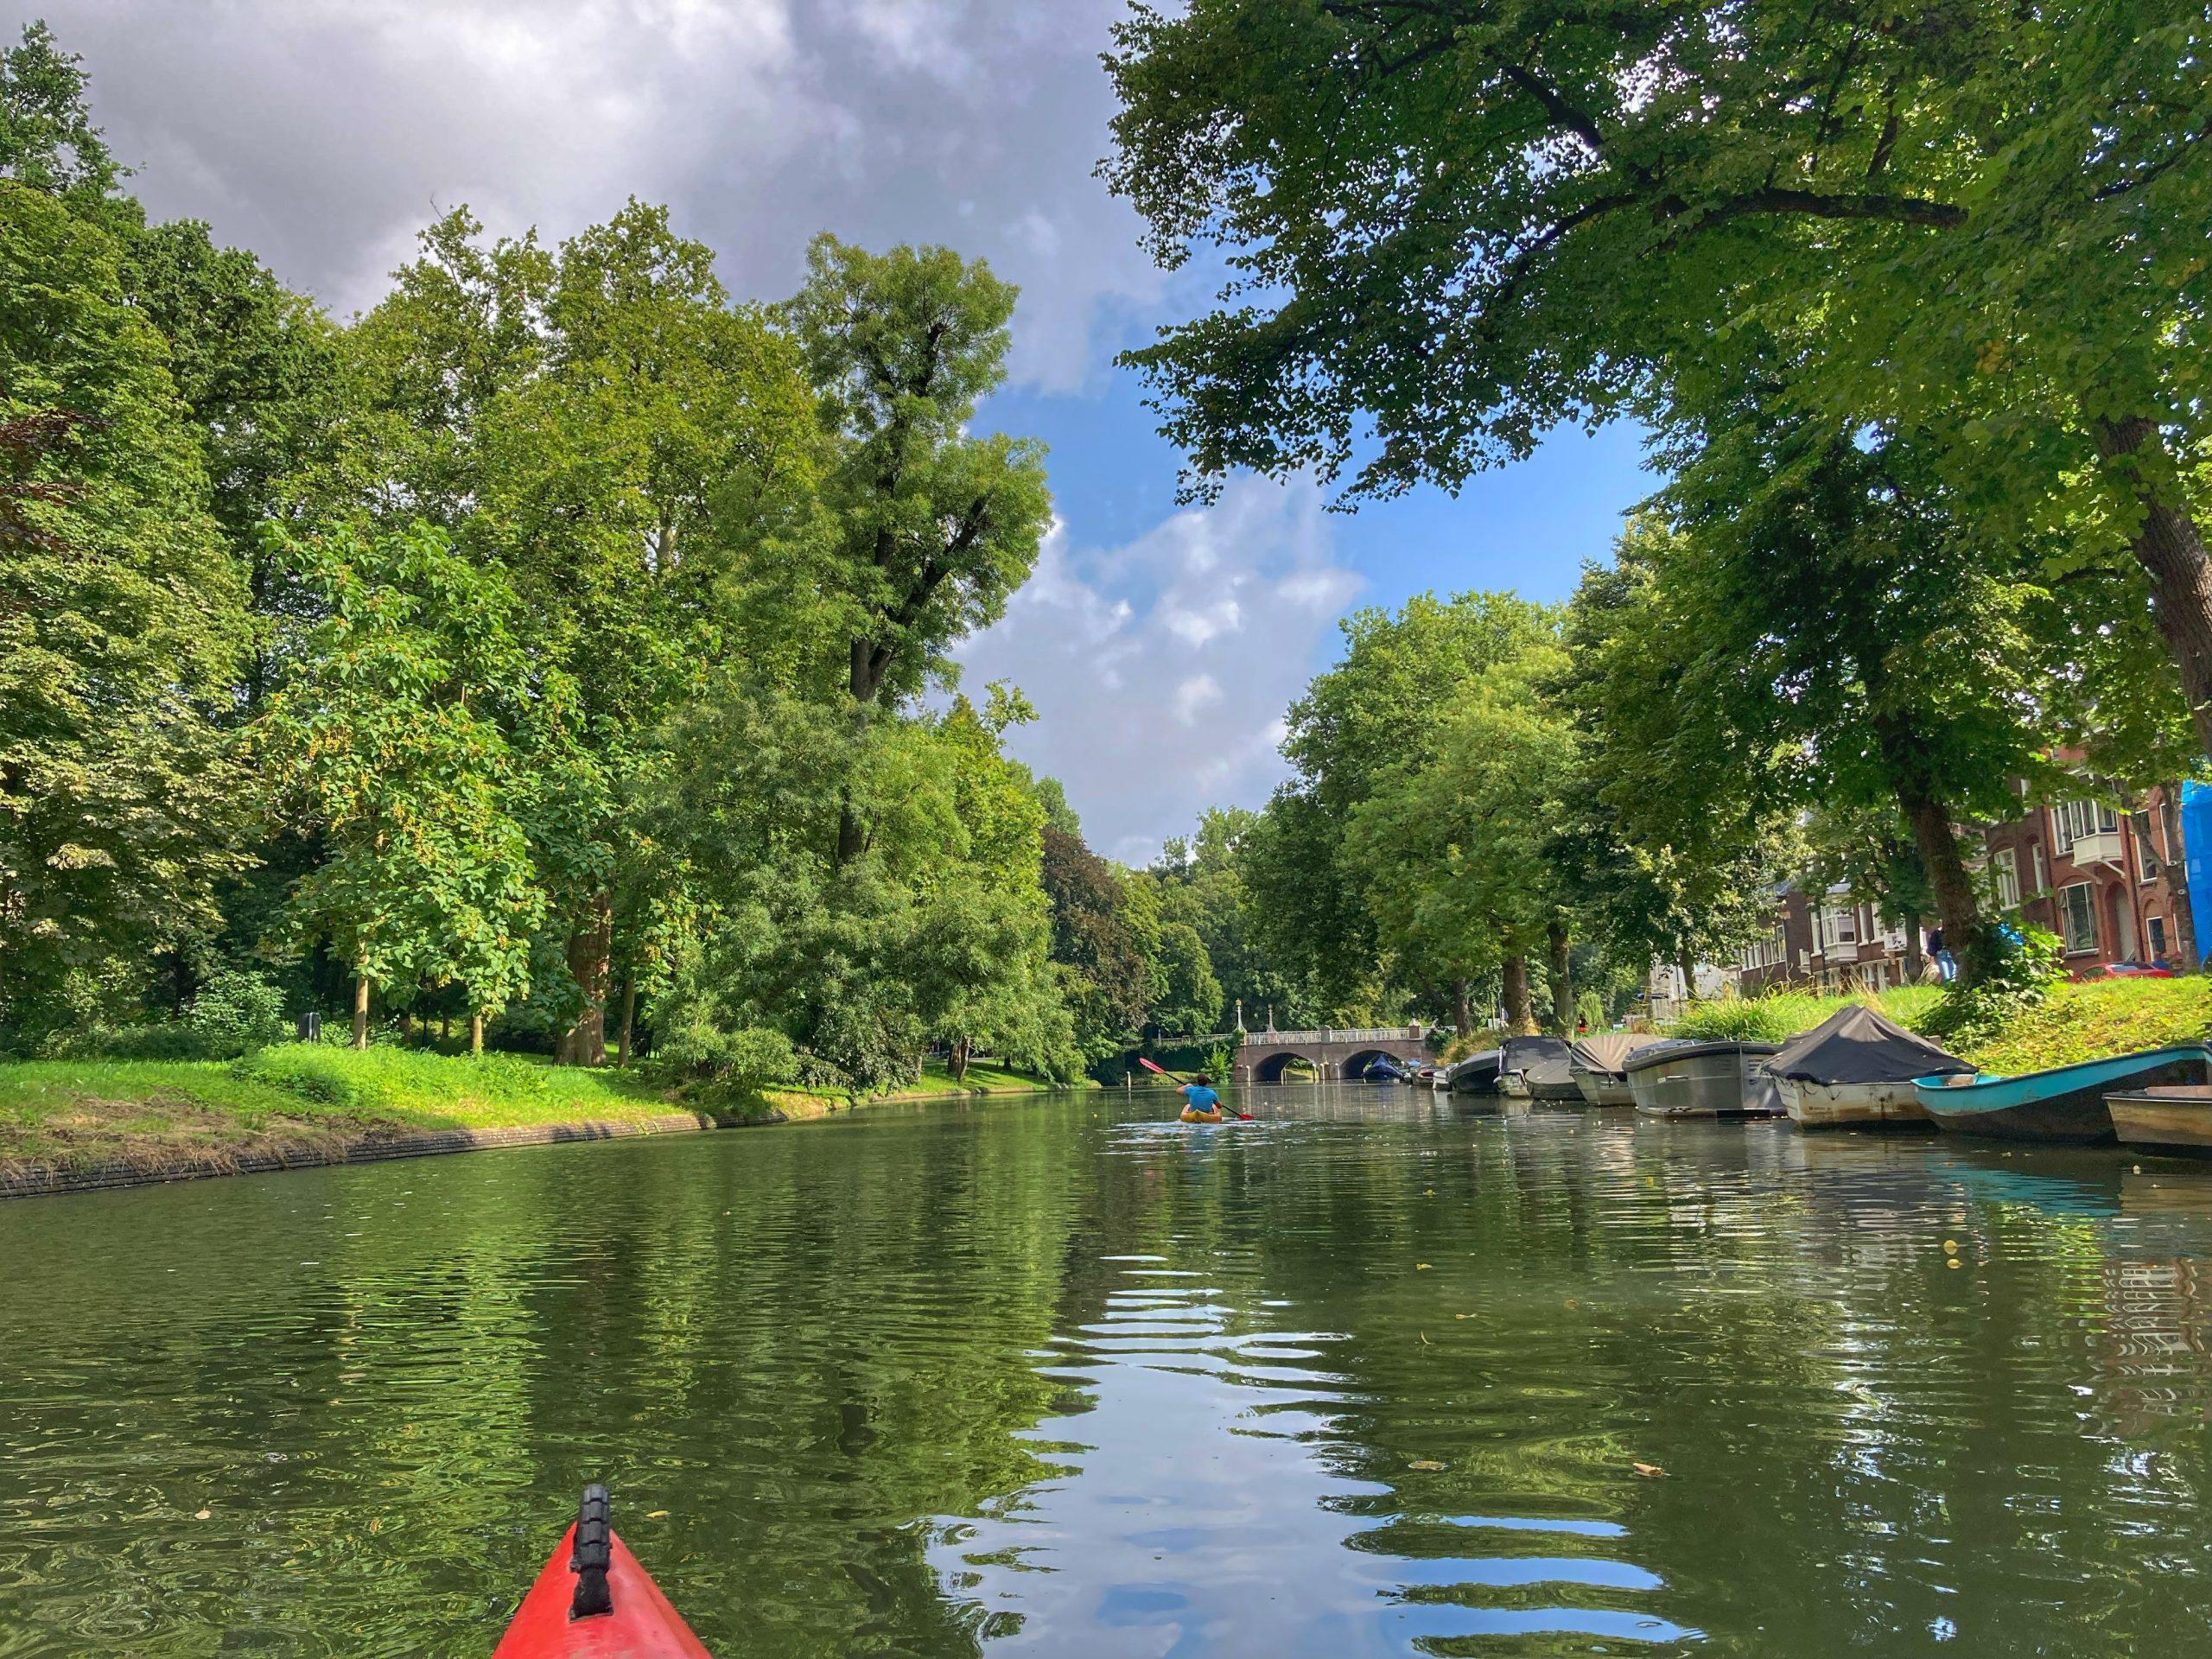 Kanoën over de grachten van Utrecht - sportief dagje uit in Utrecht